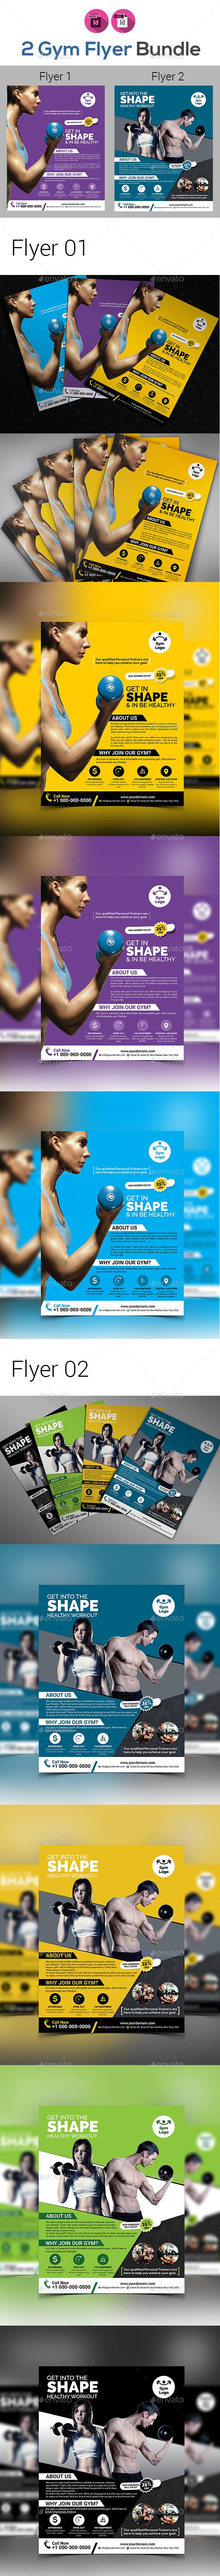 Gym Flyer Or Fitness Flyer Bundle V5